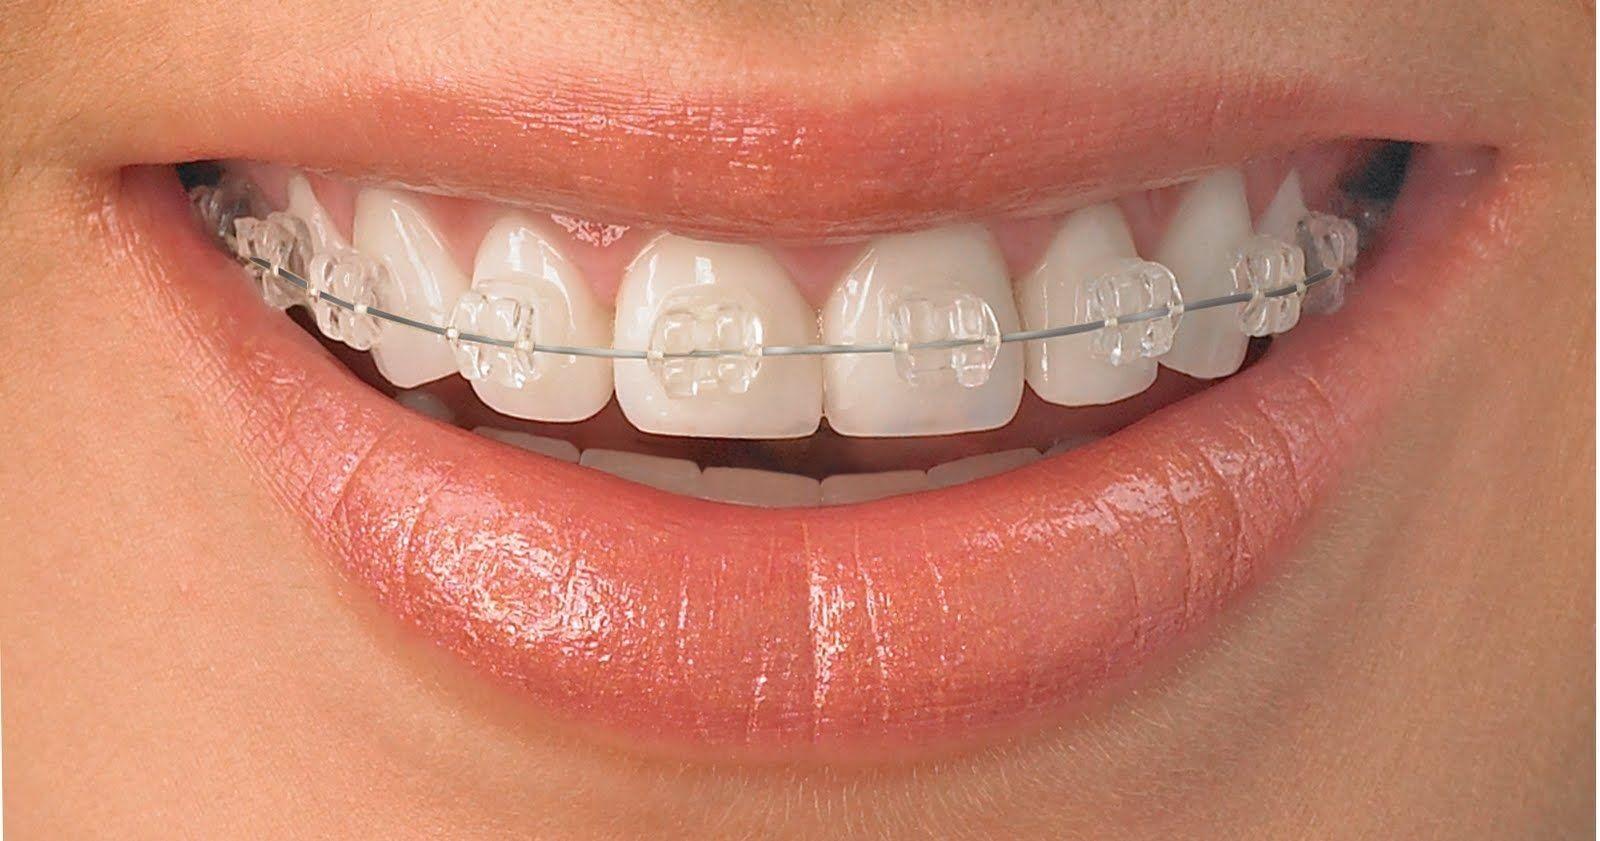 Aparelho Transparente Aparelho Dental Aparelho Ortodontico